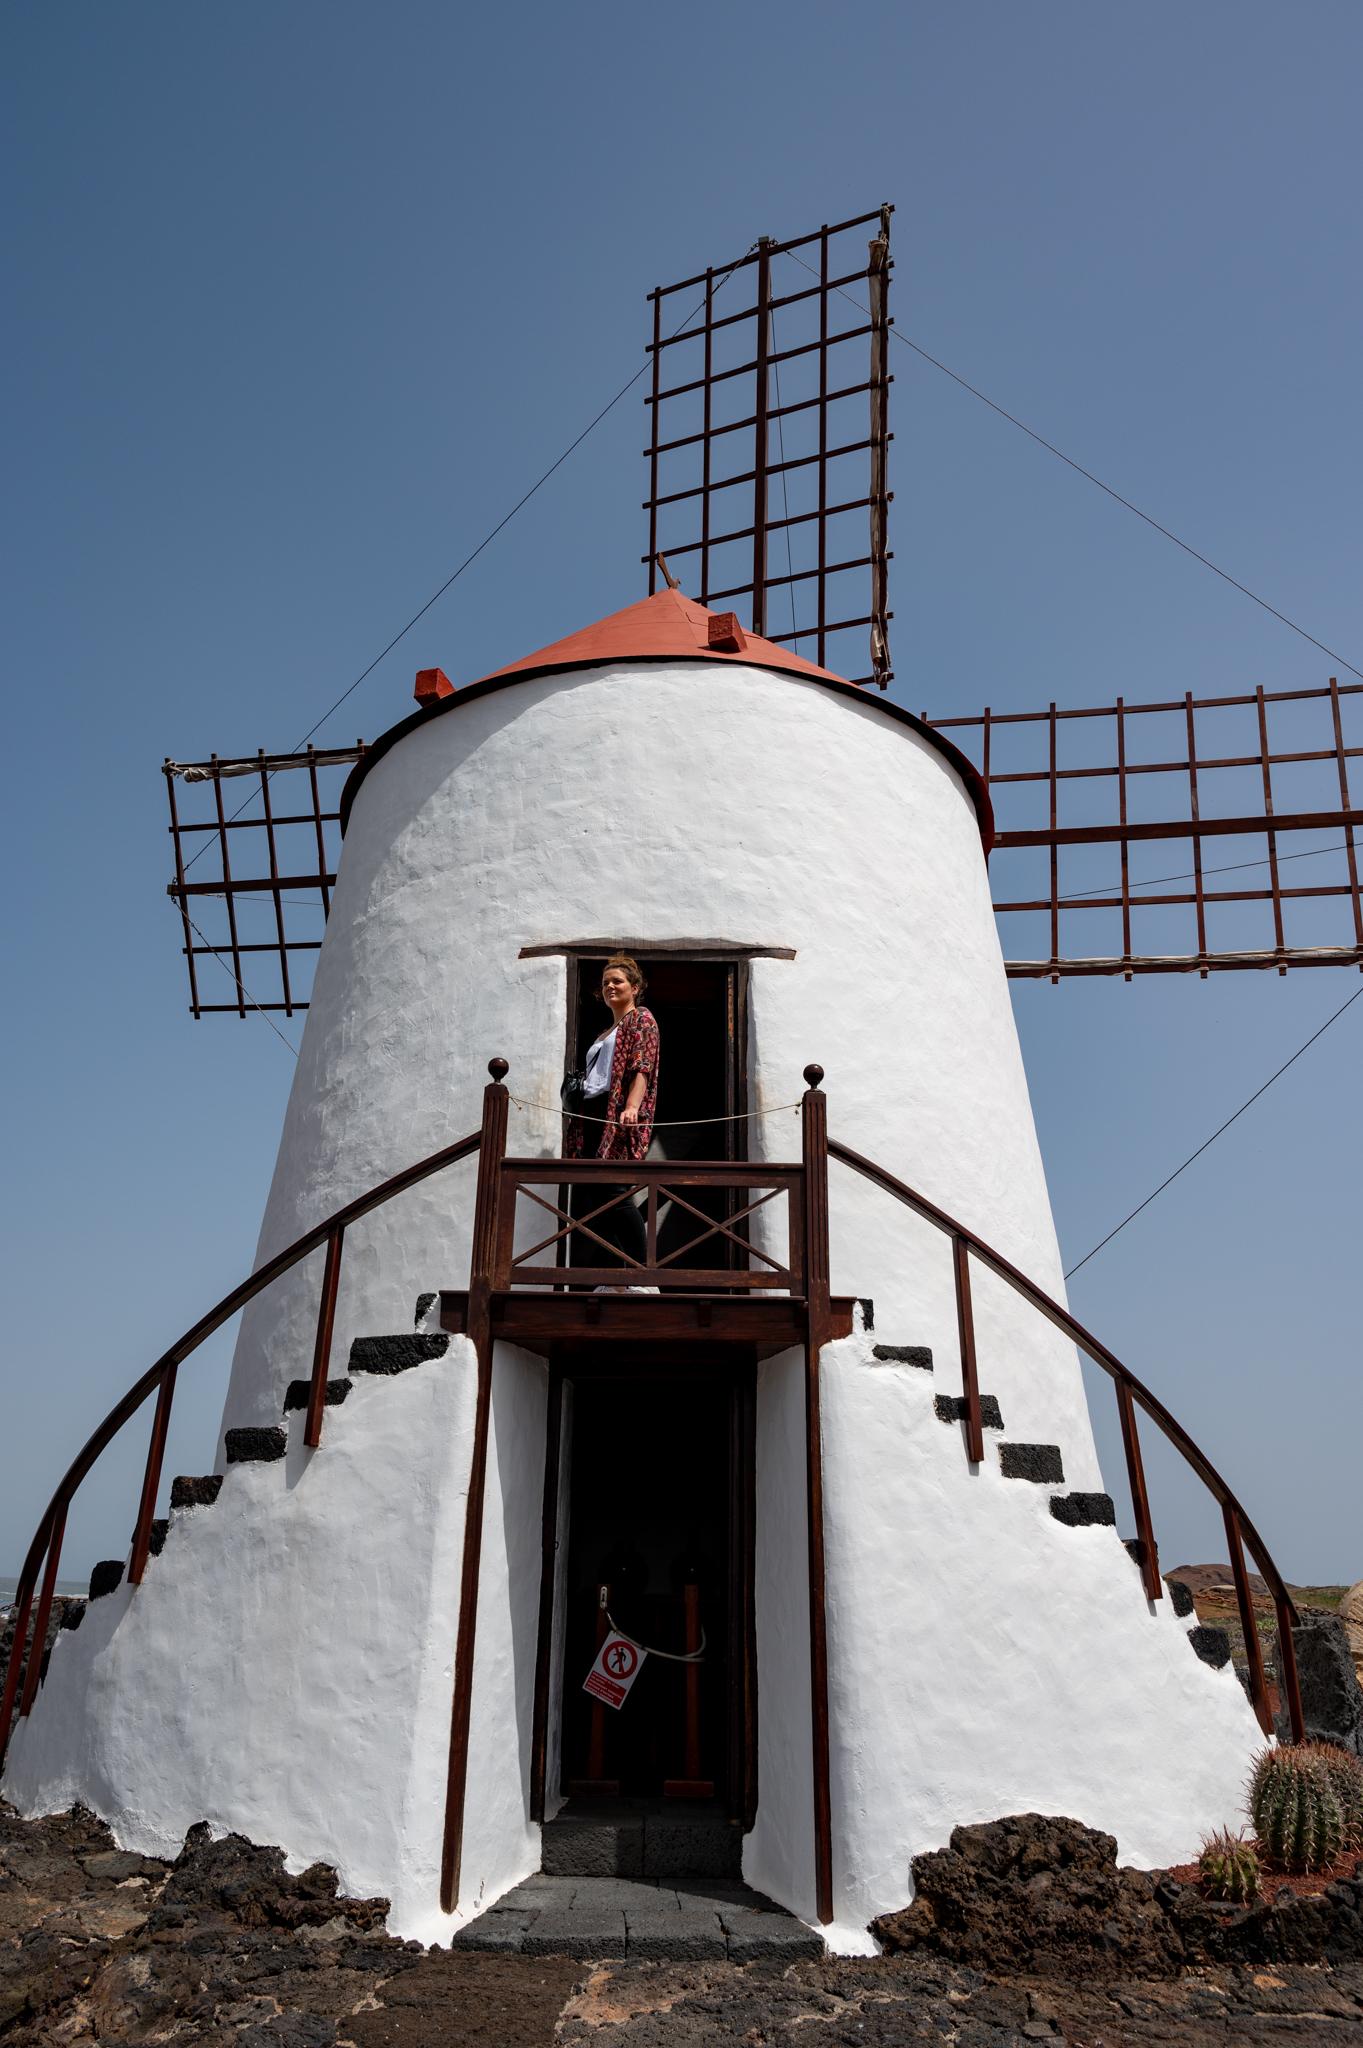 Gofio Mühle im Jardin de Cactus auf Lanzarote